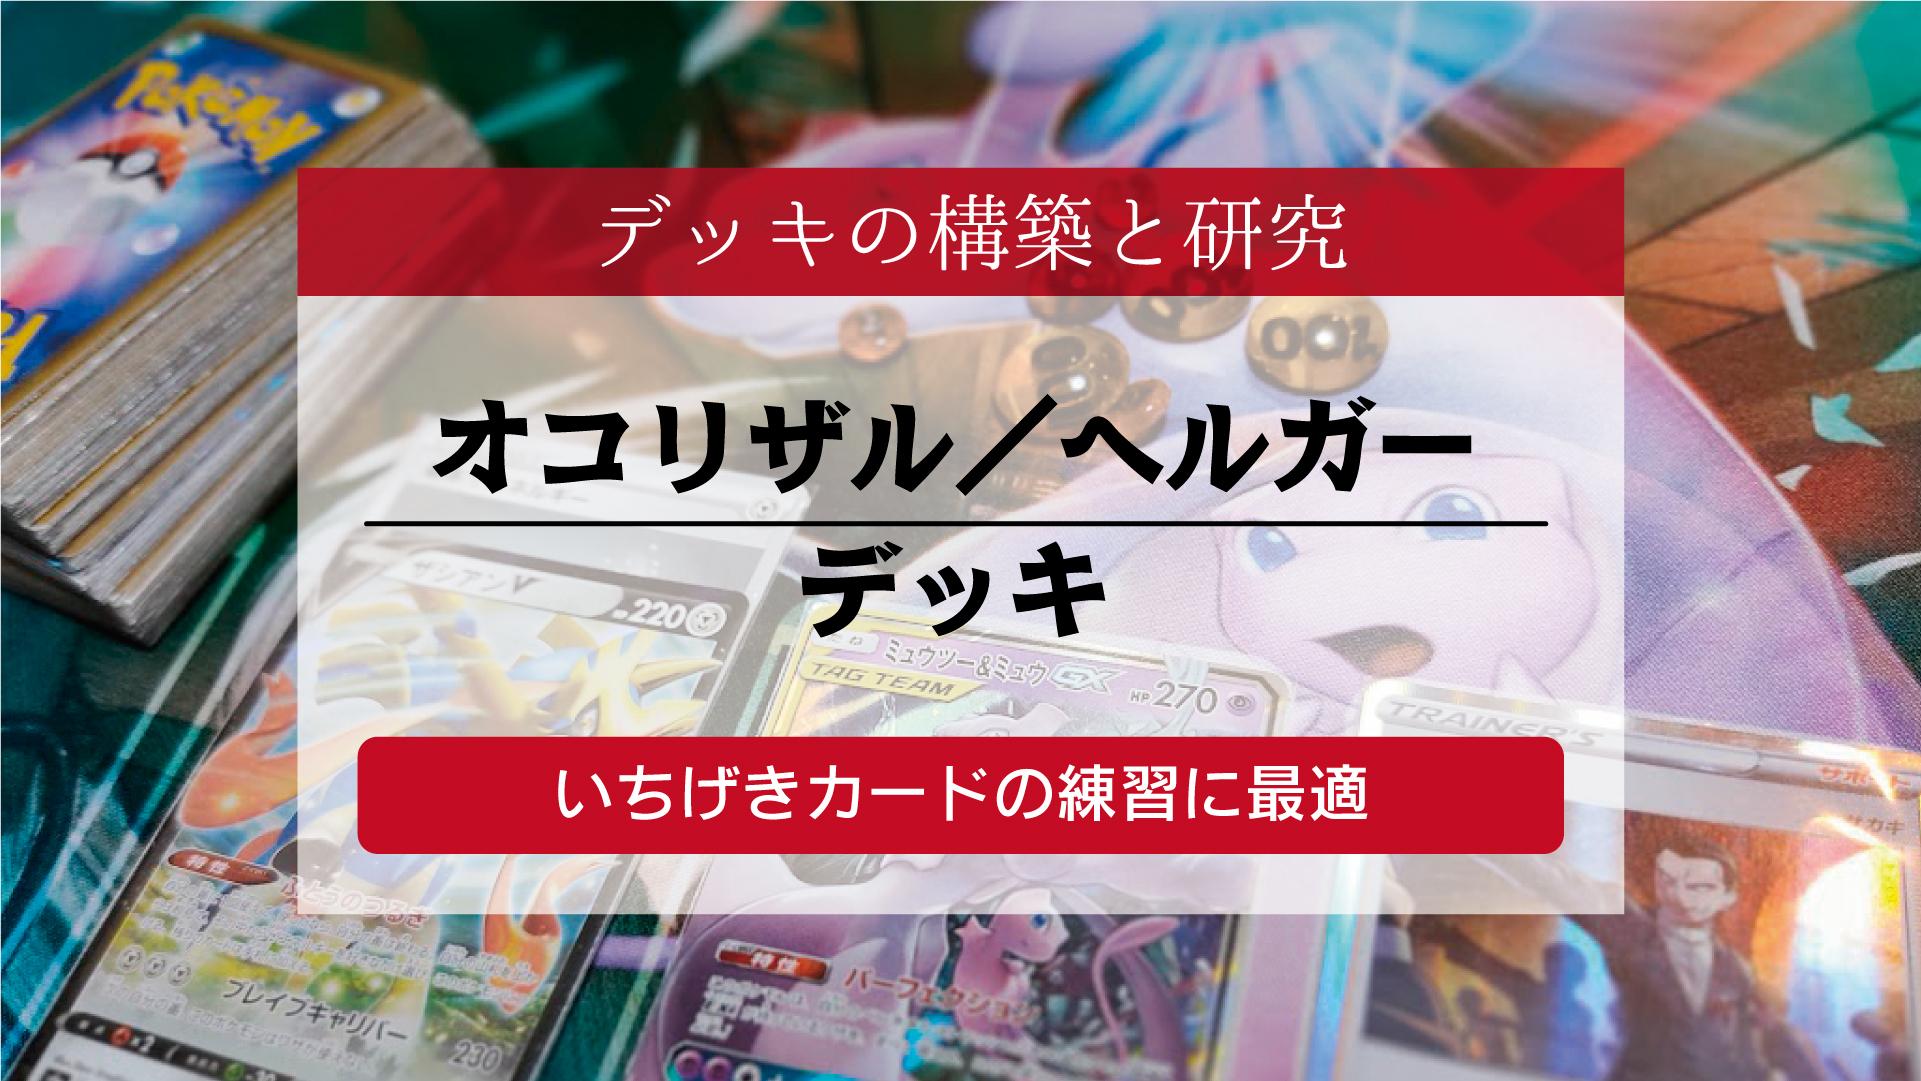 いちげきオコリザルデッキの研究/いちげきカードの練習には最適【サブアタッカーは誰?】